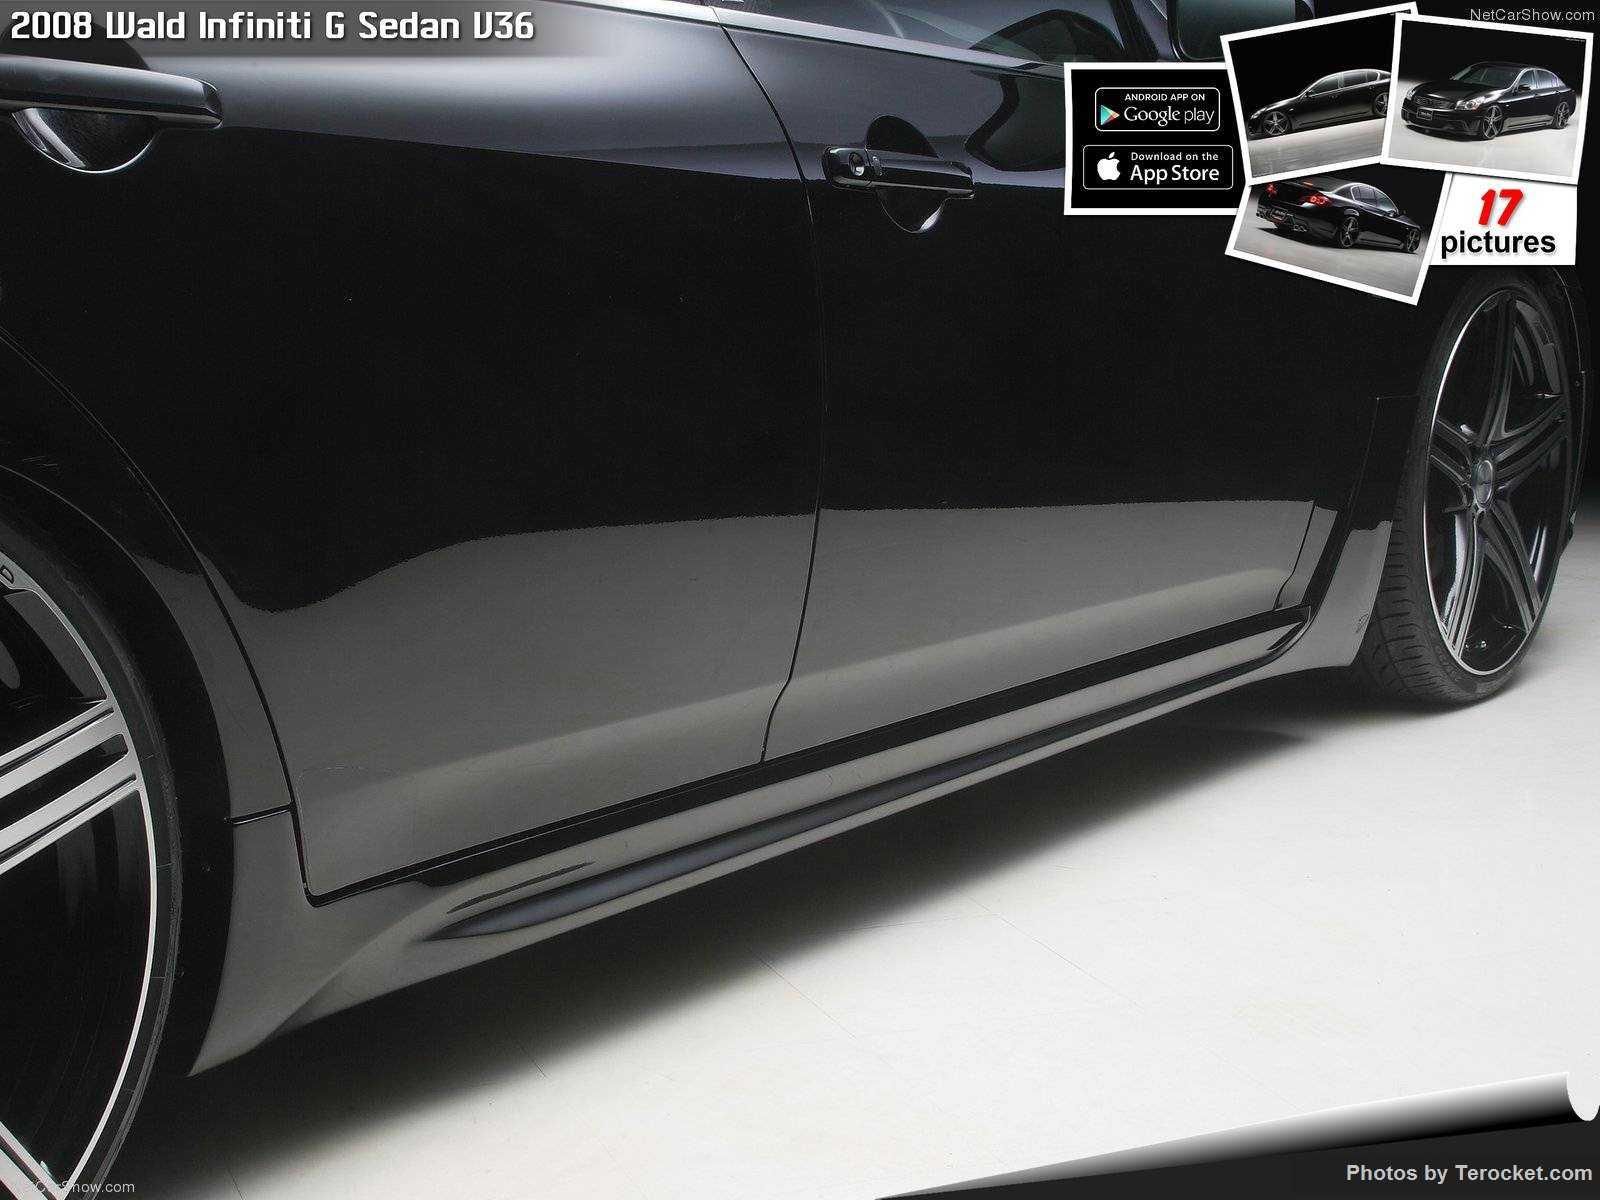 Hình ảnh xe độ Wald Infiniti G Sedan V36 2008 & nội ngoại thất